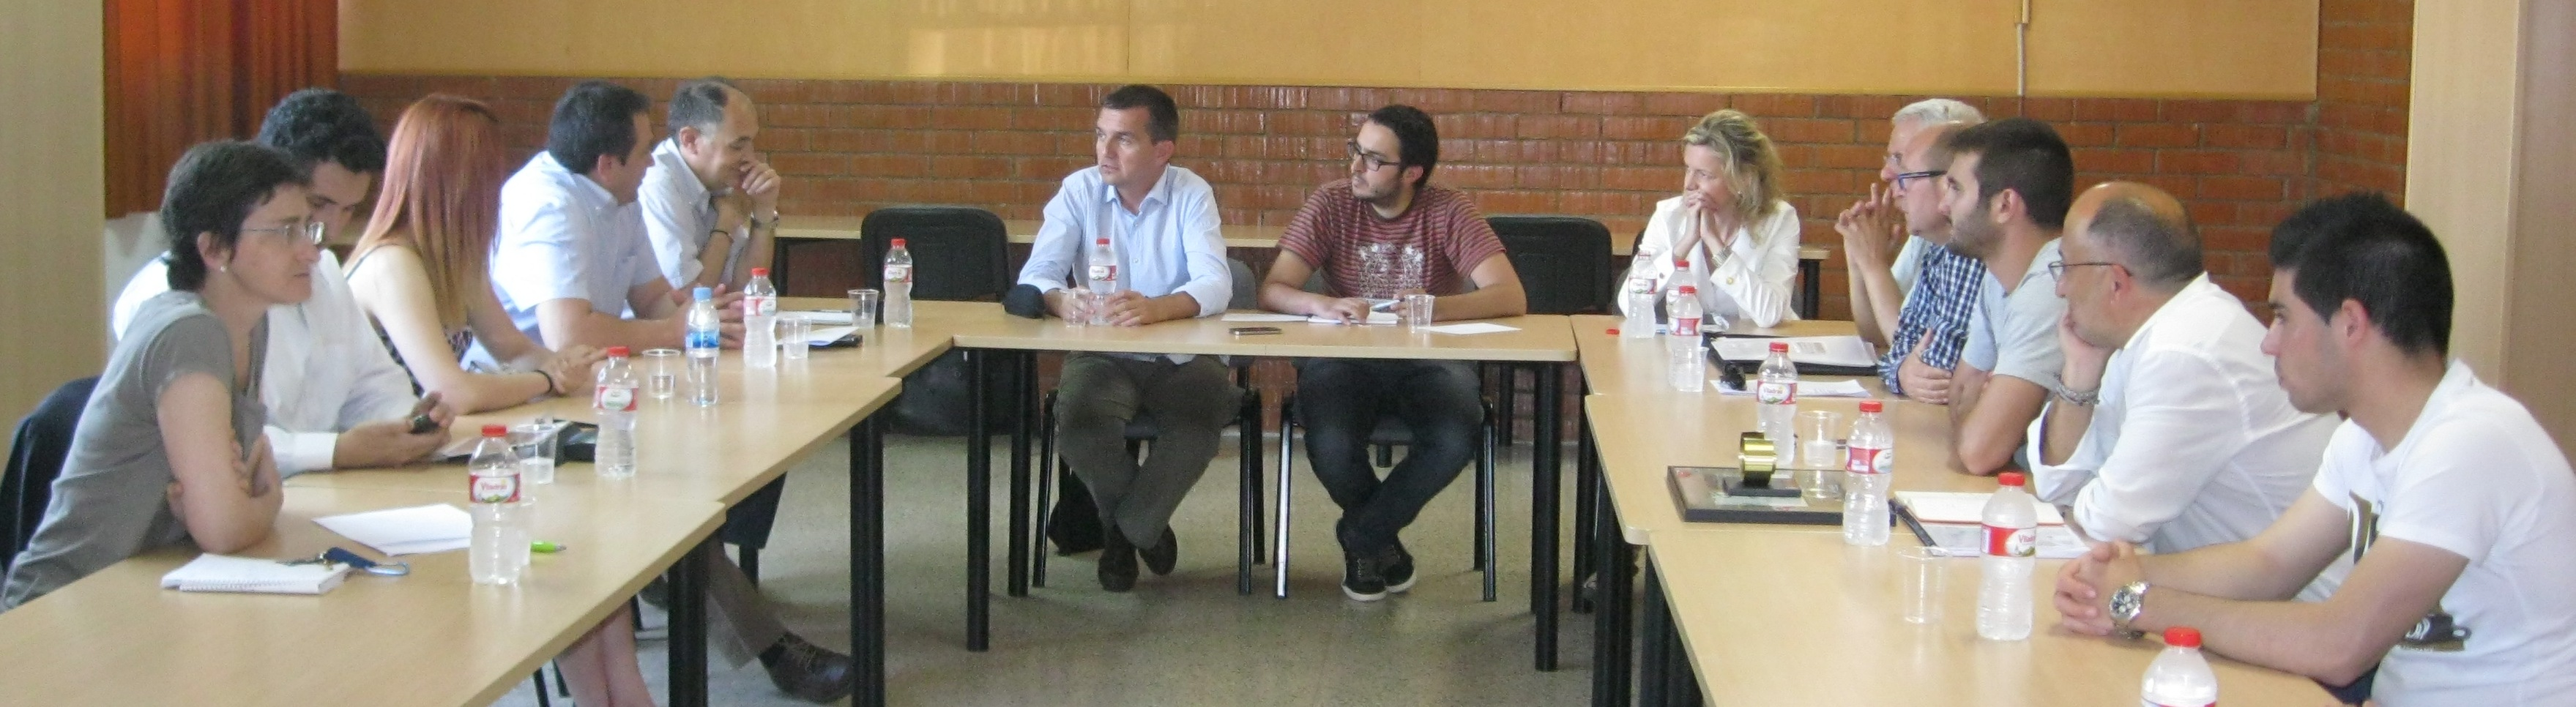 Imatge dels participants a la trobada a l'Institut Comte de Rius. (foto: Comte de Rius)